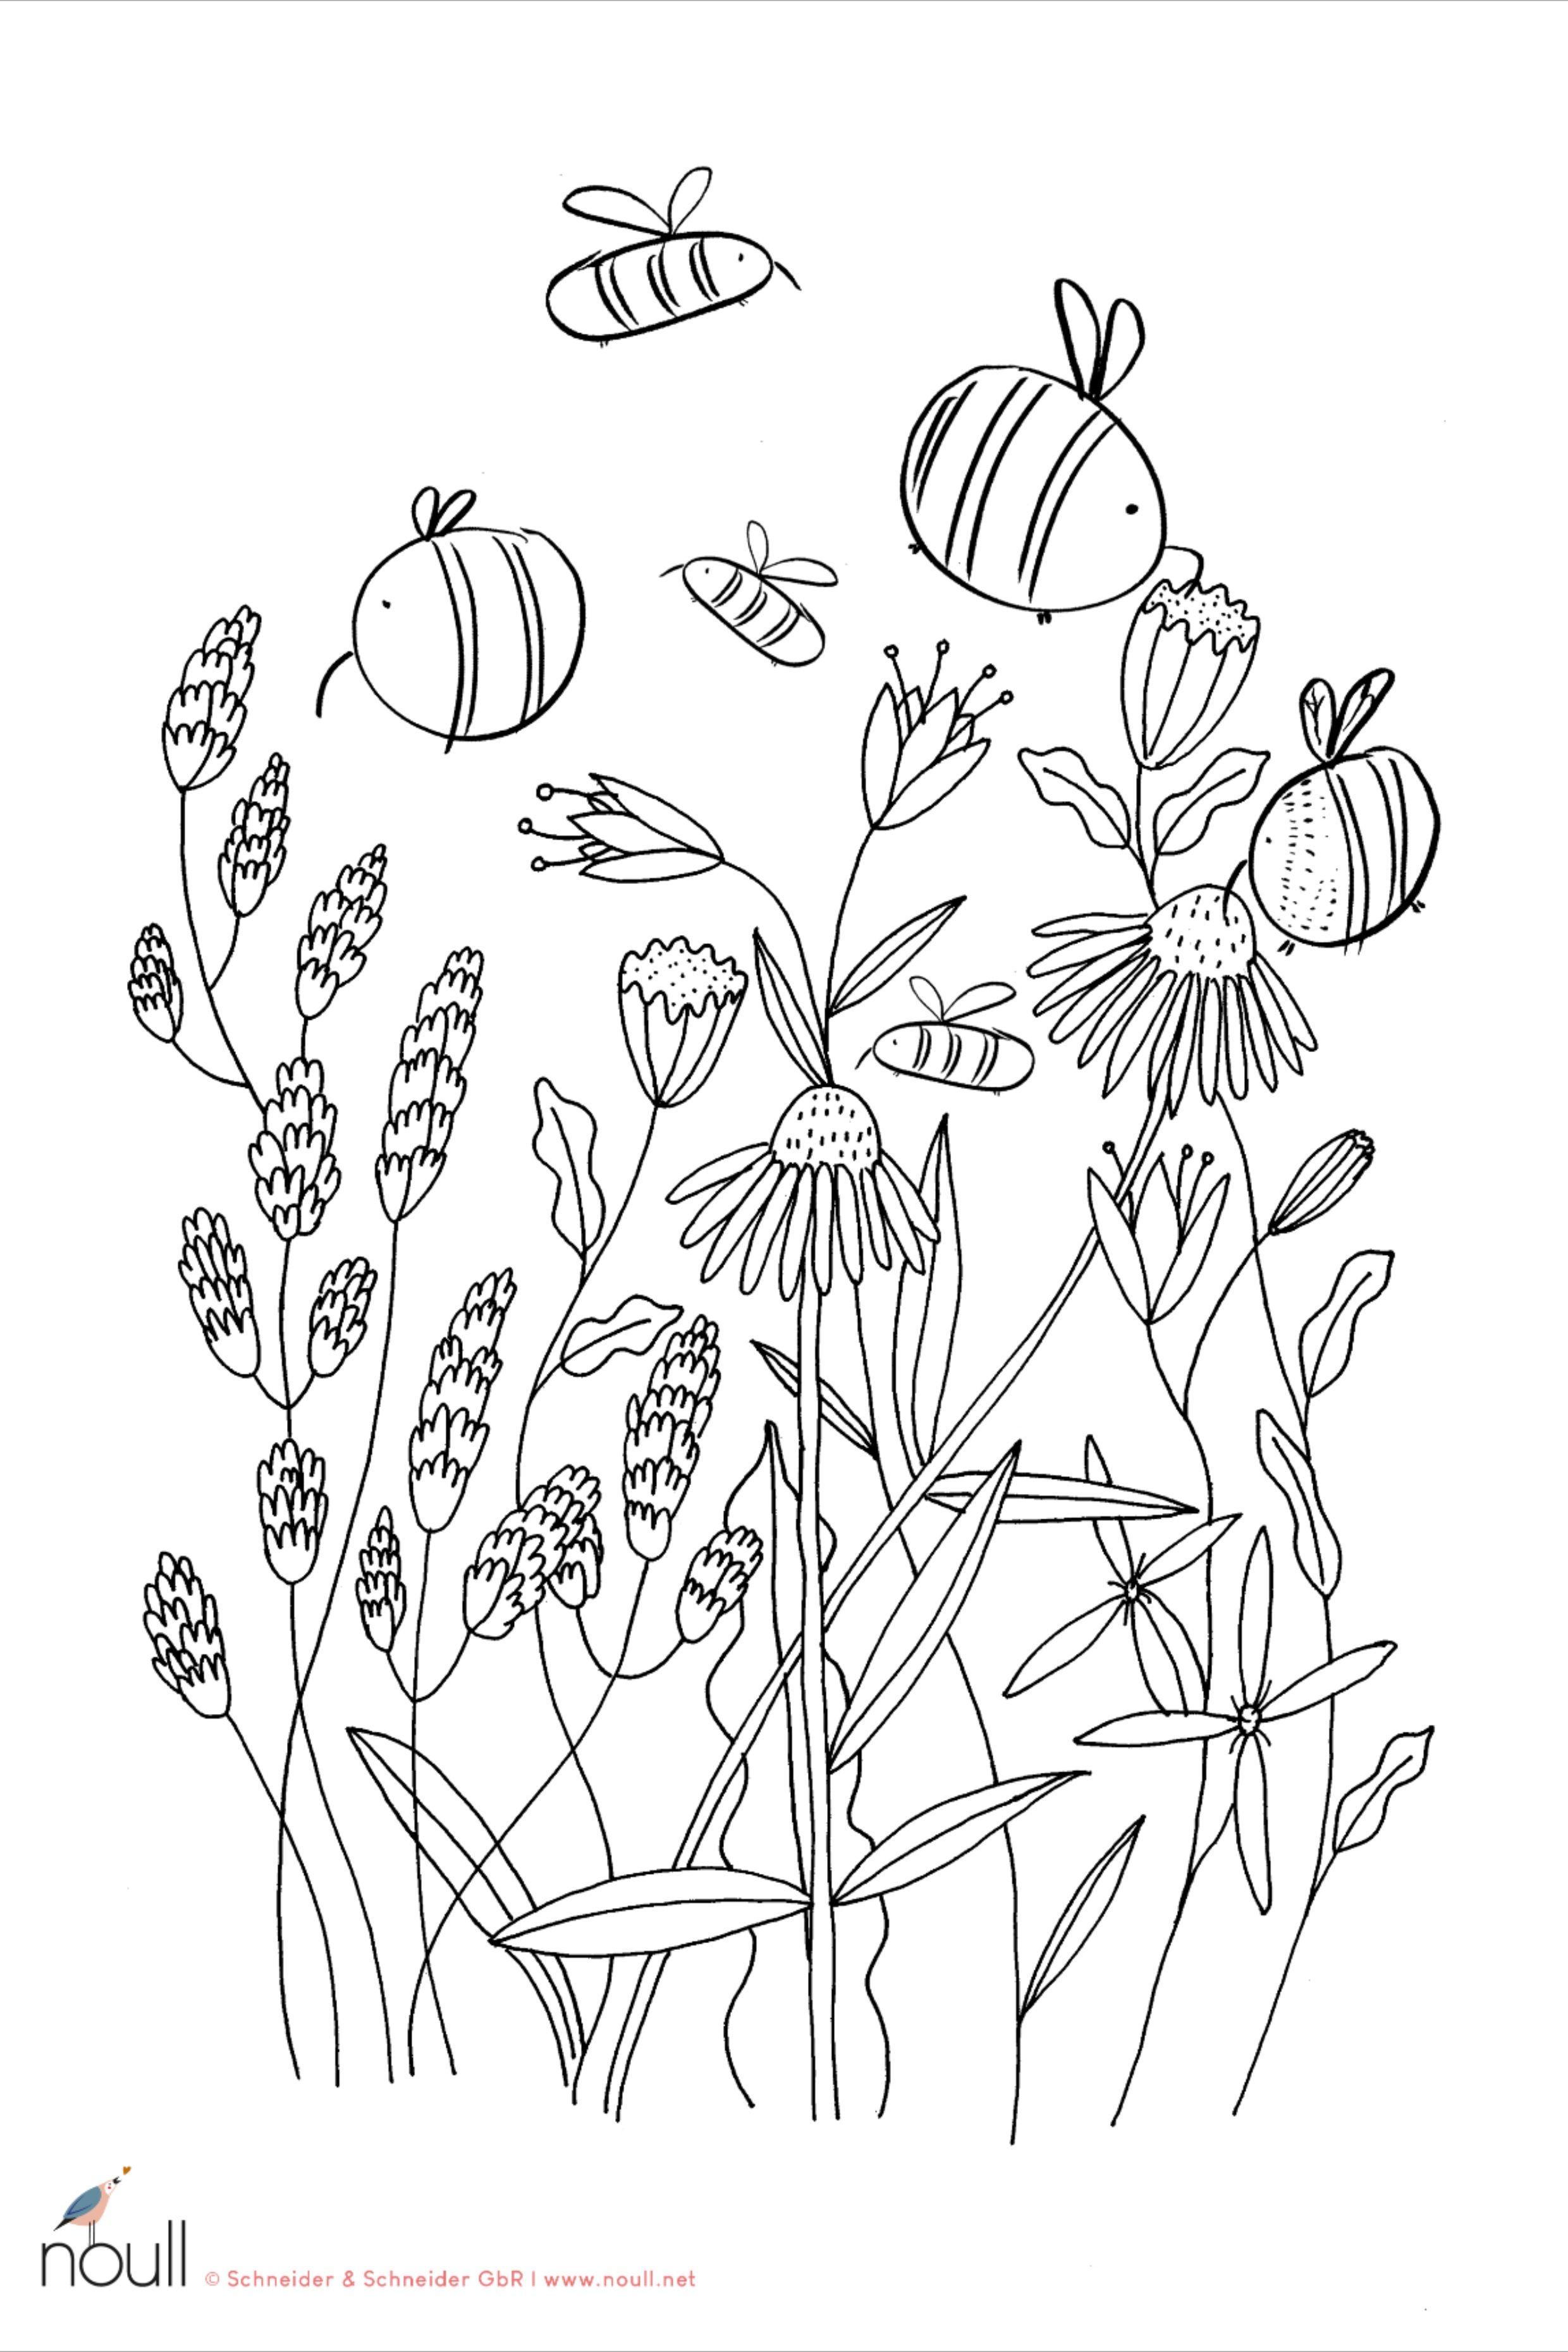 Freebie Ein Blumengarten Voller Emsiger Bienen Ausmalbild Noull Ausmalen Ausmalbilder Kostenlose Ausmalbilder